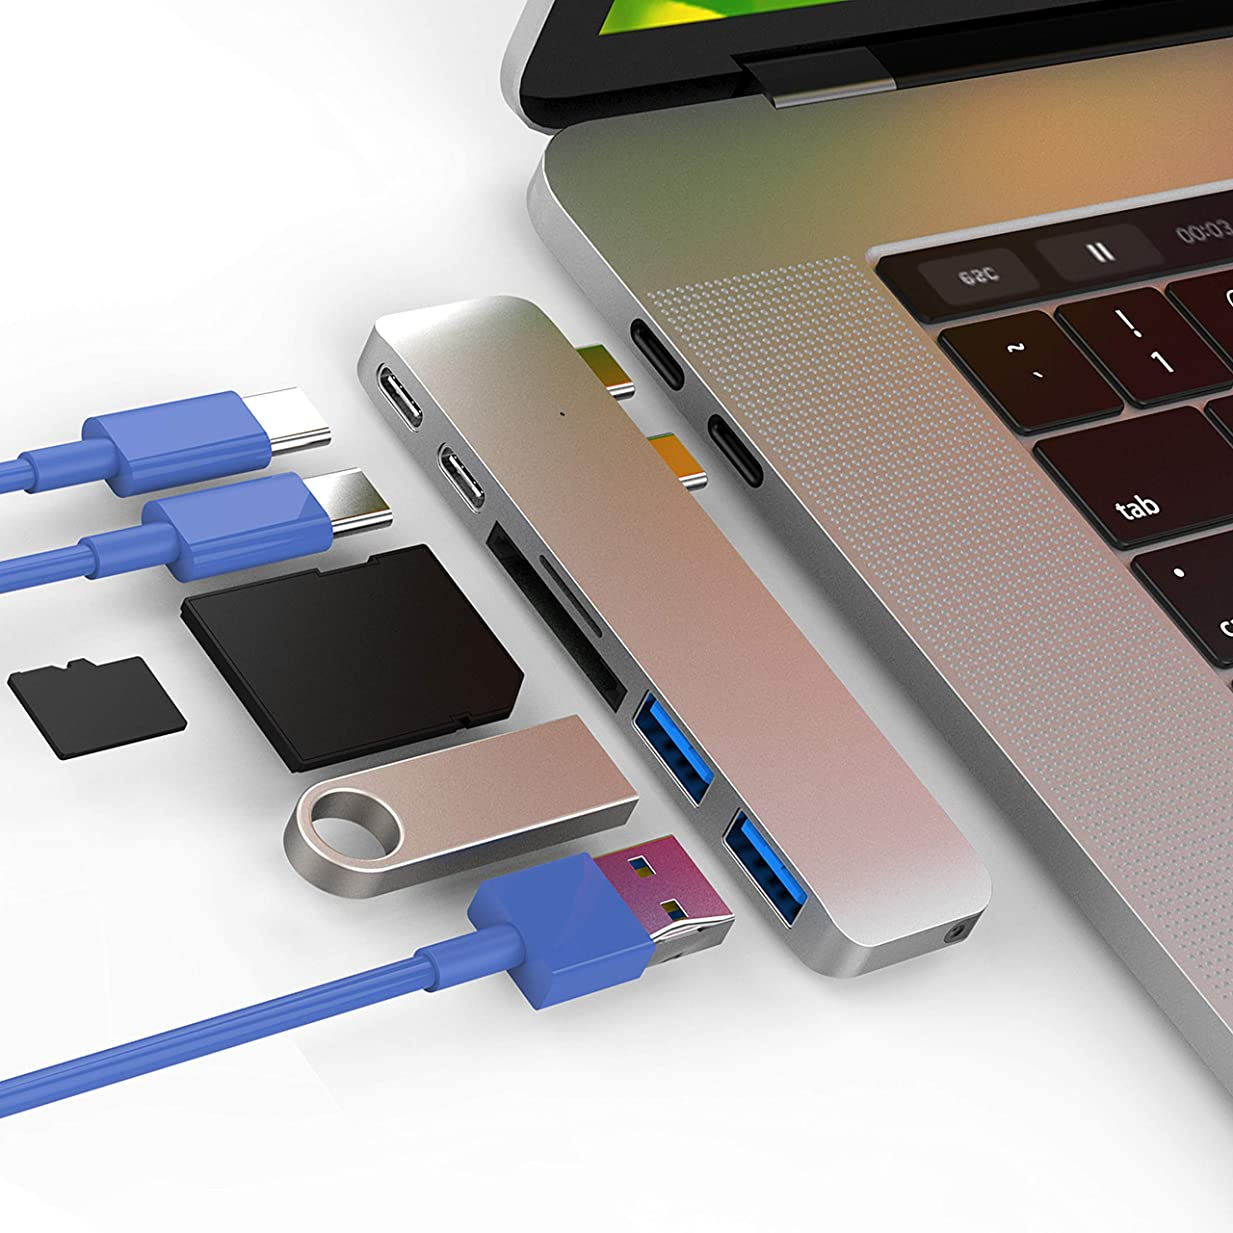 CharJenPro アップルMacBook Proの2016年と2017年のためのmacstickアダプタ/ハブを認定 - 40ギガバイト/秒落雷3ポート5K @ 60Hzの、USB-Cデータポート、2 USB 3.0、SDやマイクロSDカードリーダー(シルバー) 銀